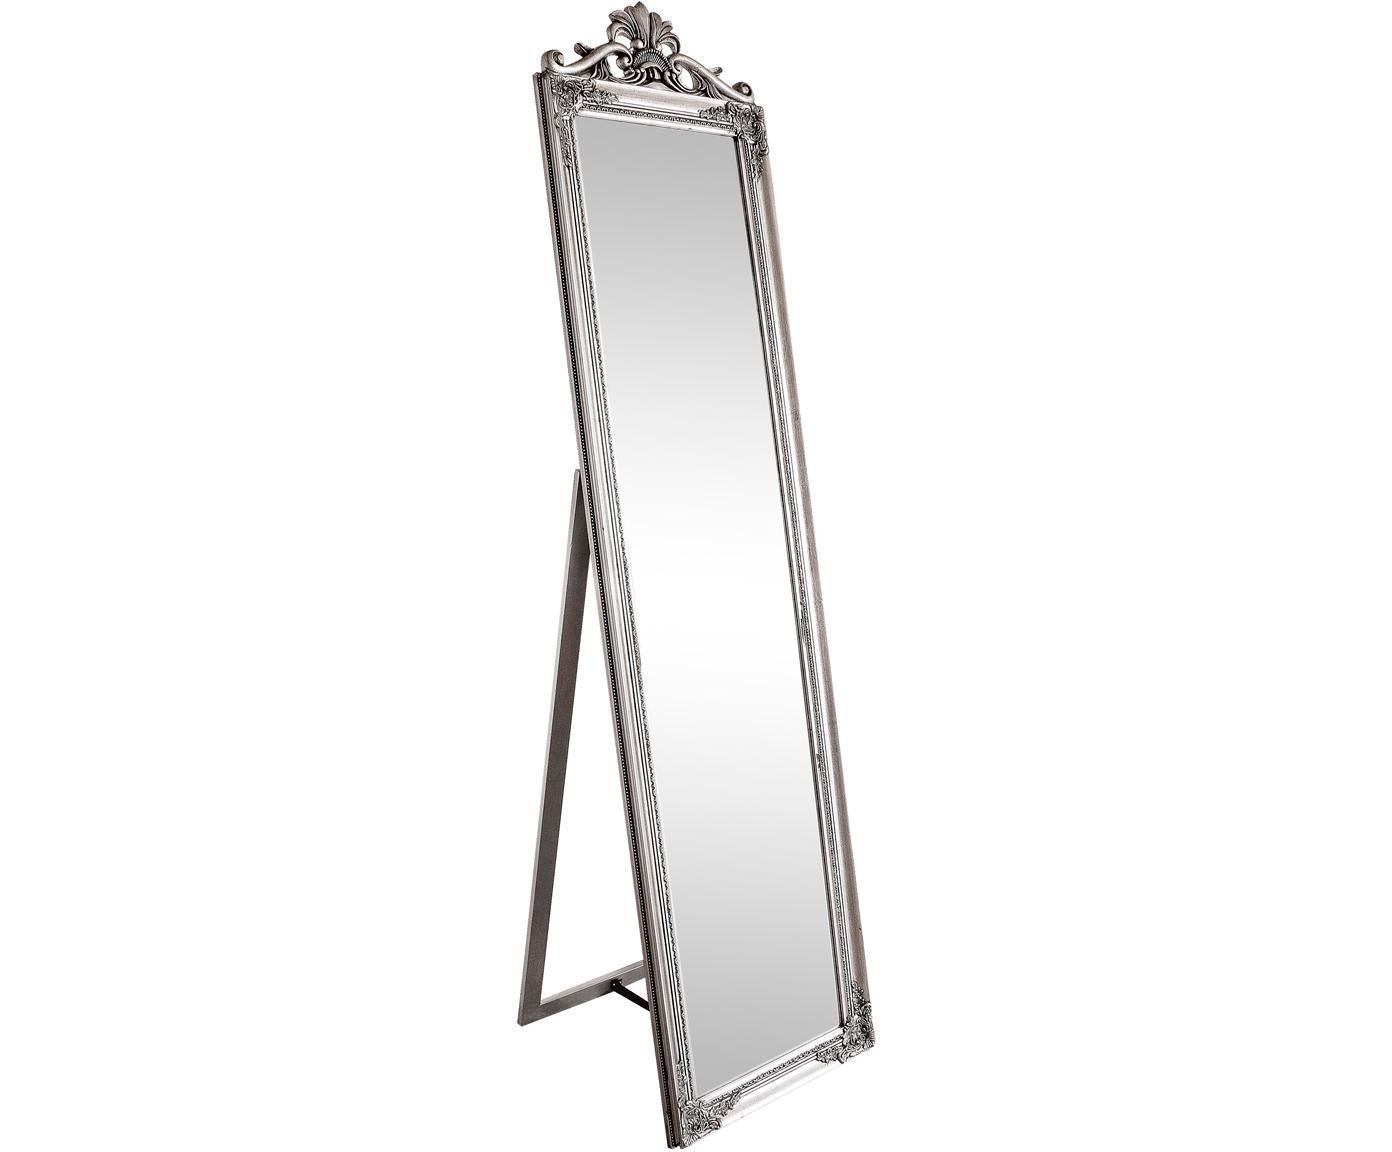 Specchio da terra Miro, Cornice: legno, rivestito, Superficie dello specchio: lastra di vetro, Argentato, Larg. 45 x Alt. 180 cm